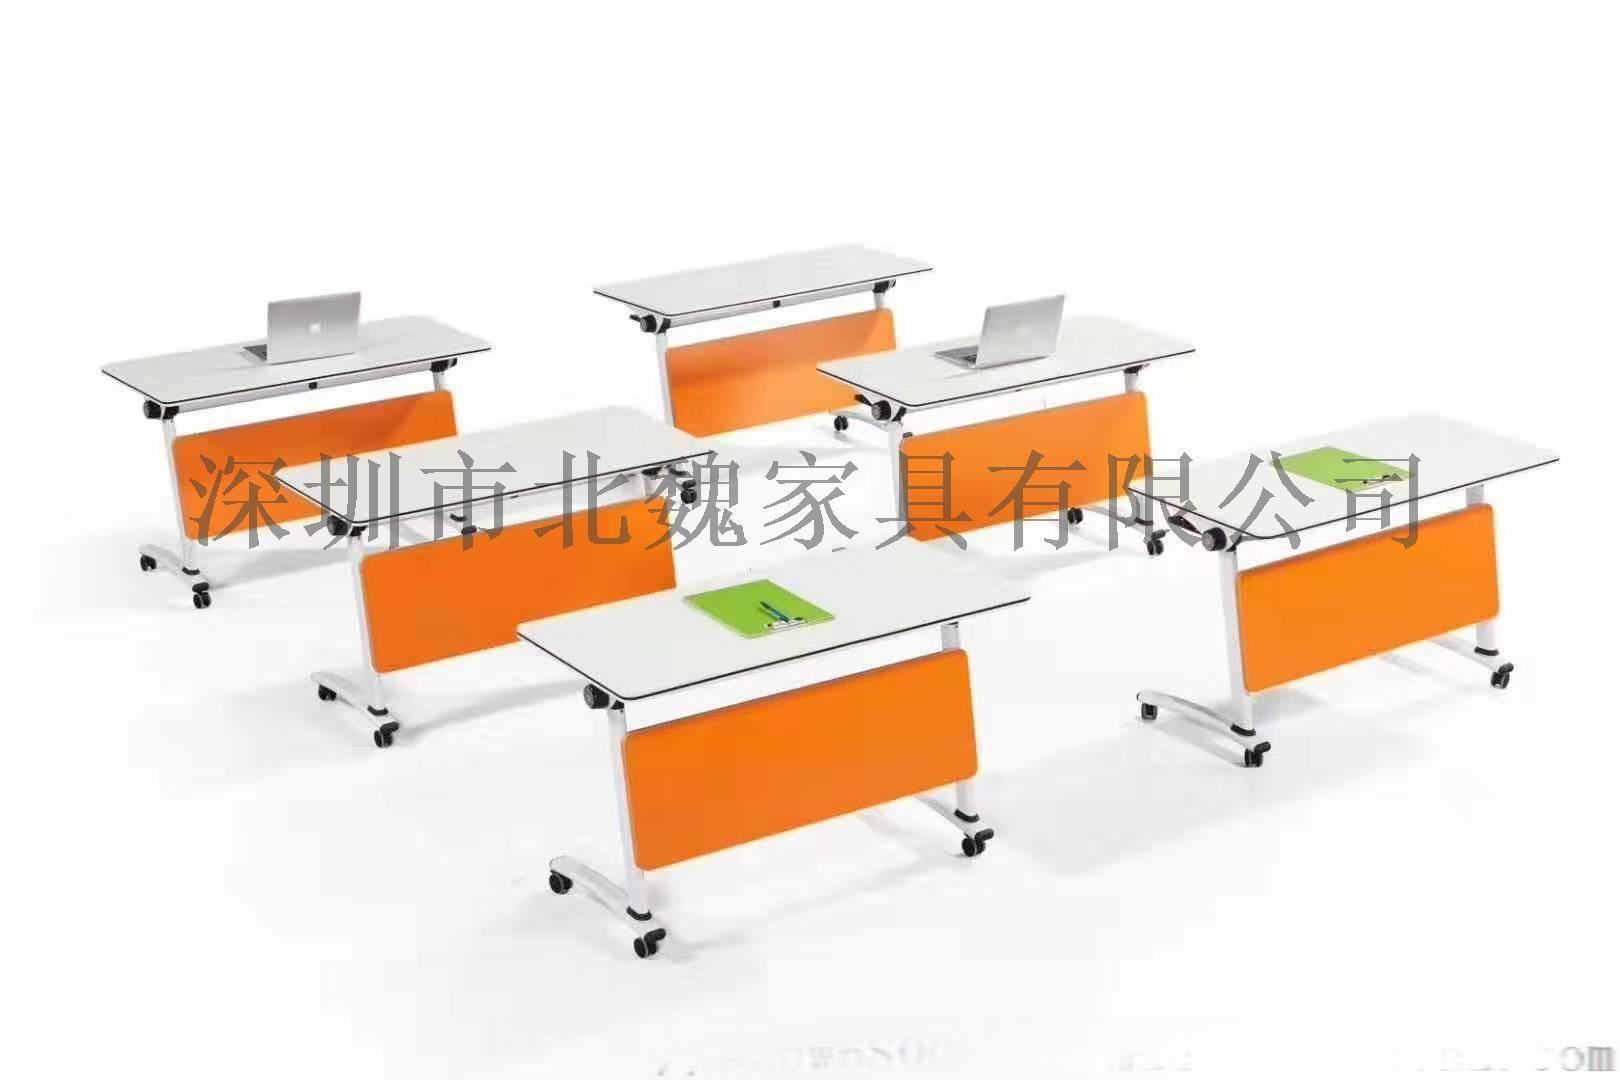 折叠培训桌|可折叠培训台|广东培训桌生产厂家123069545